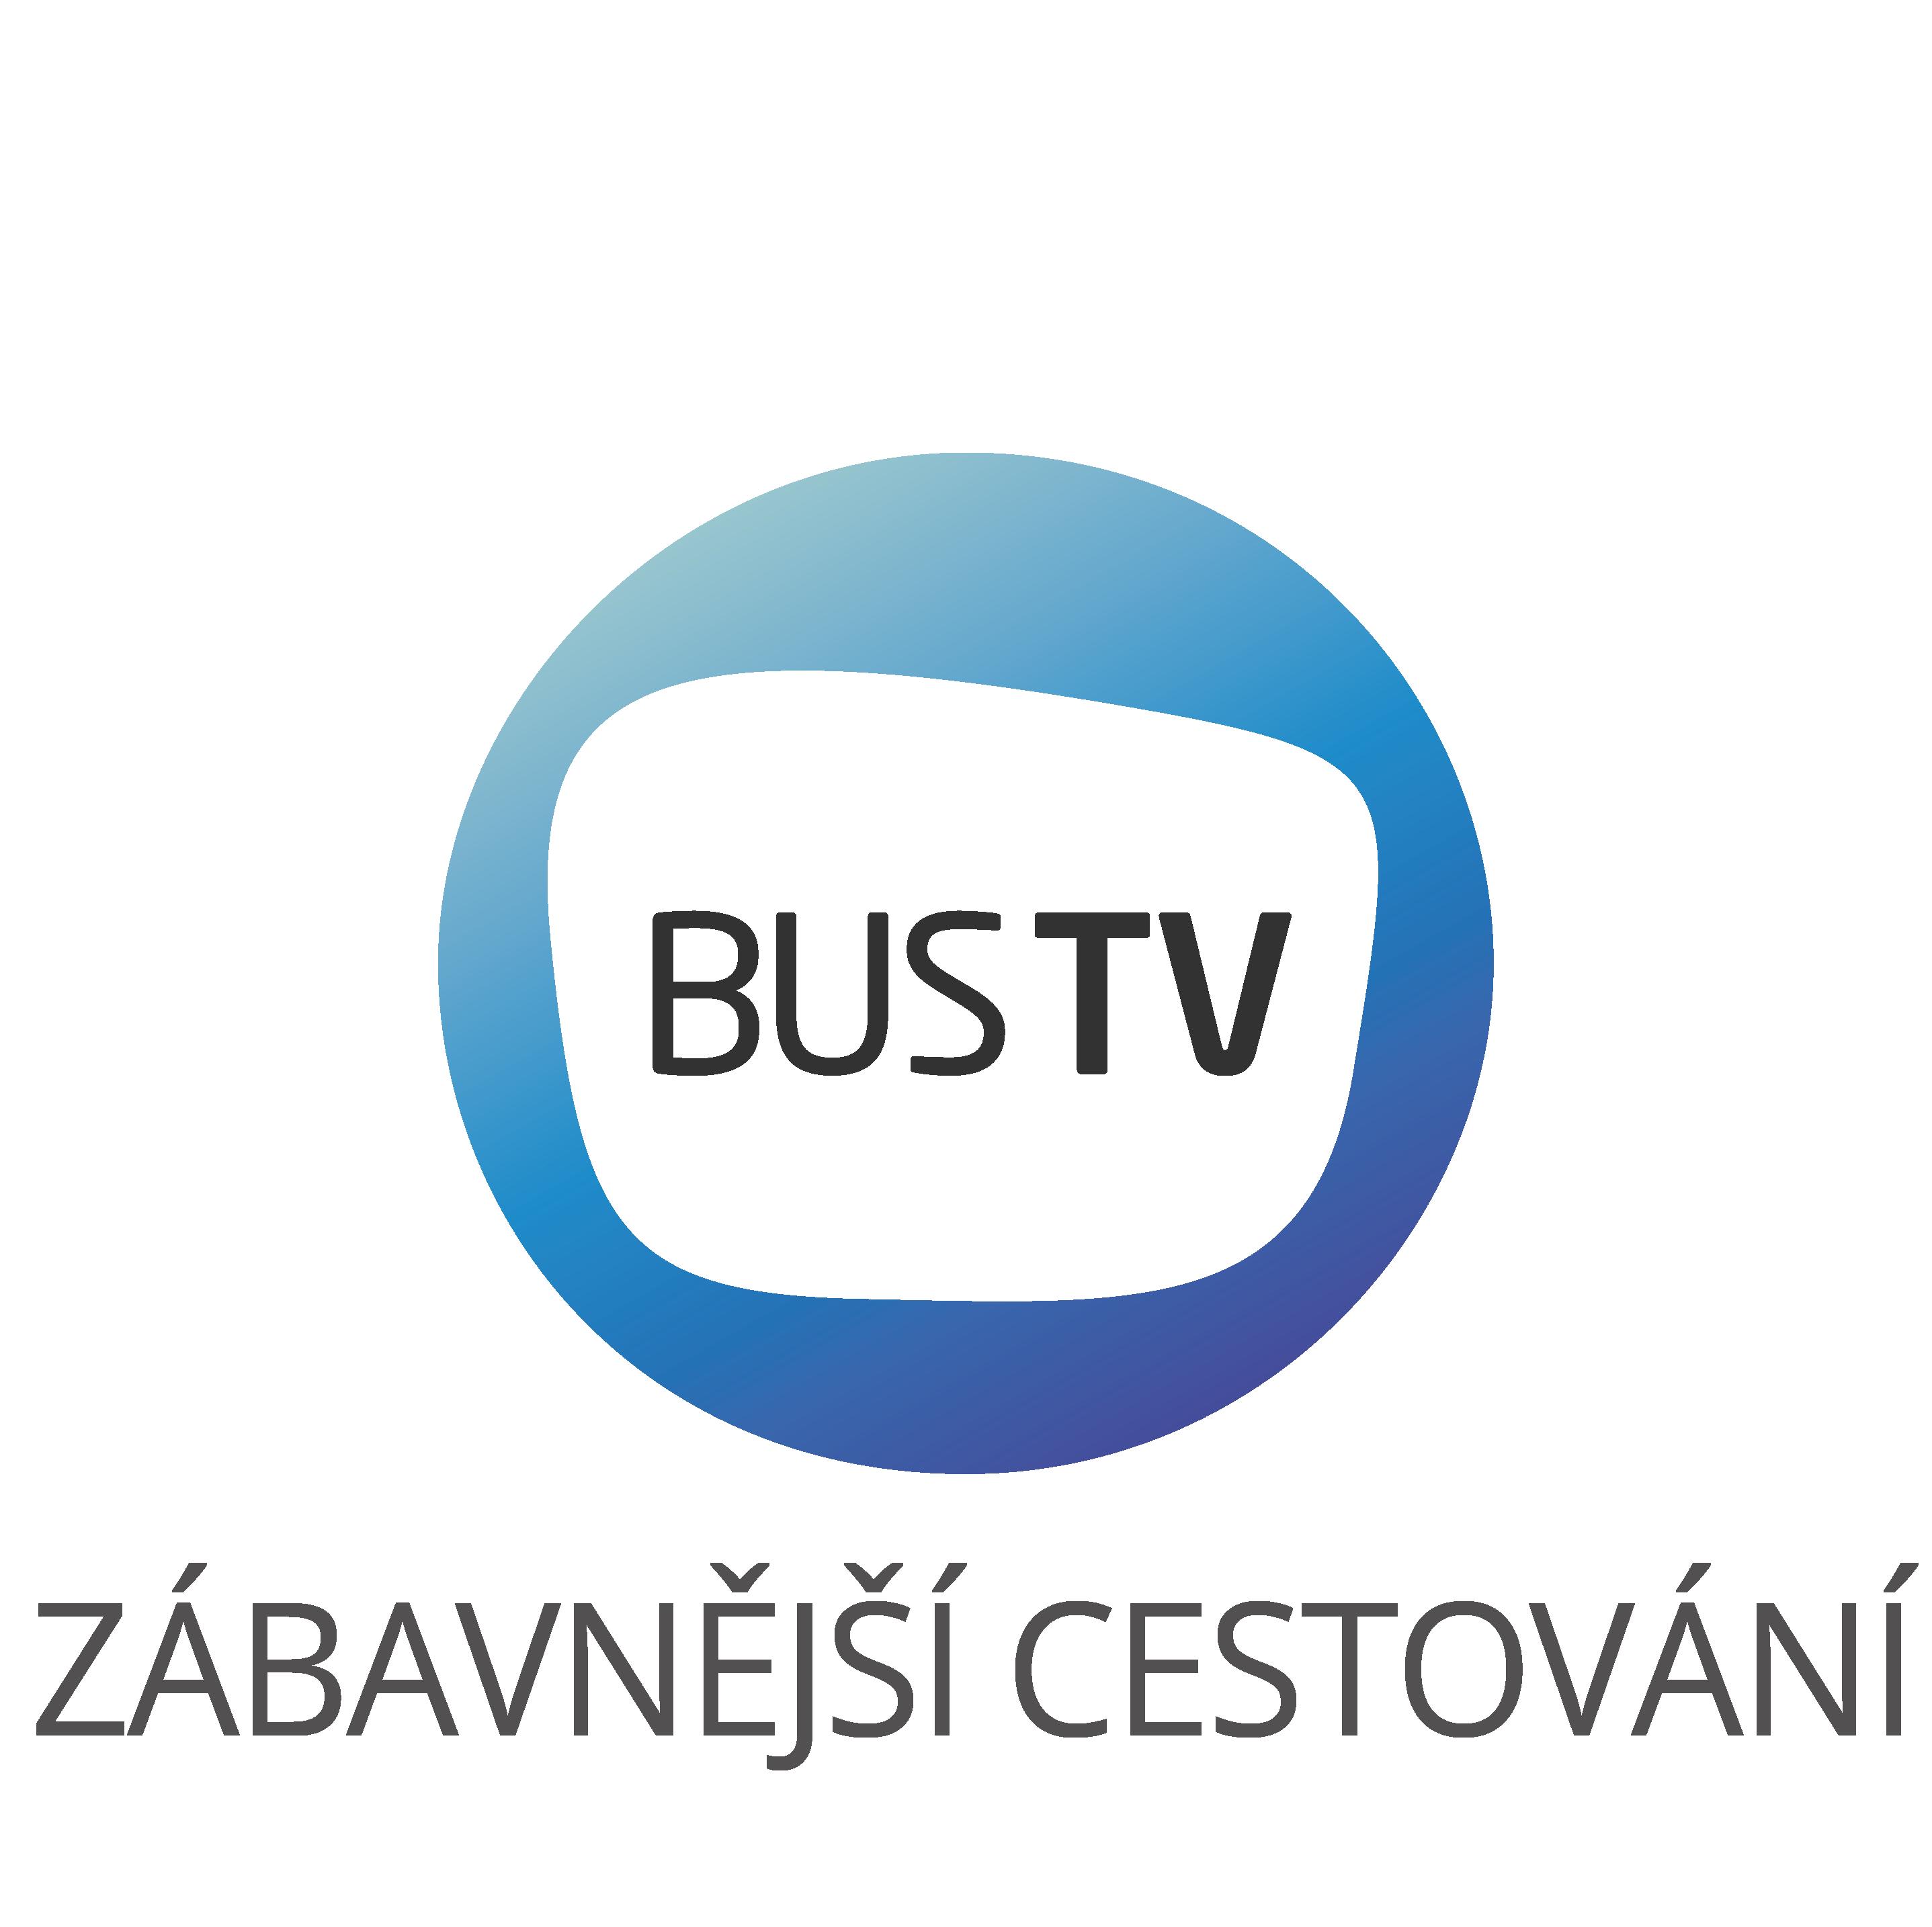 BUS TV logo_claim_OUTDOOR